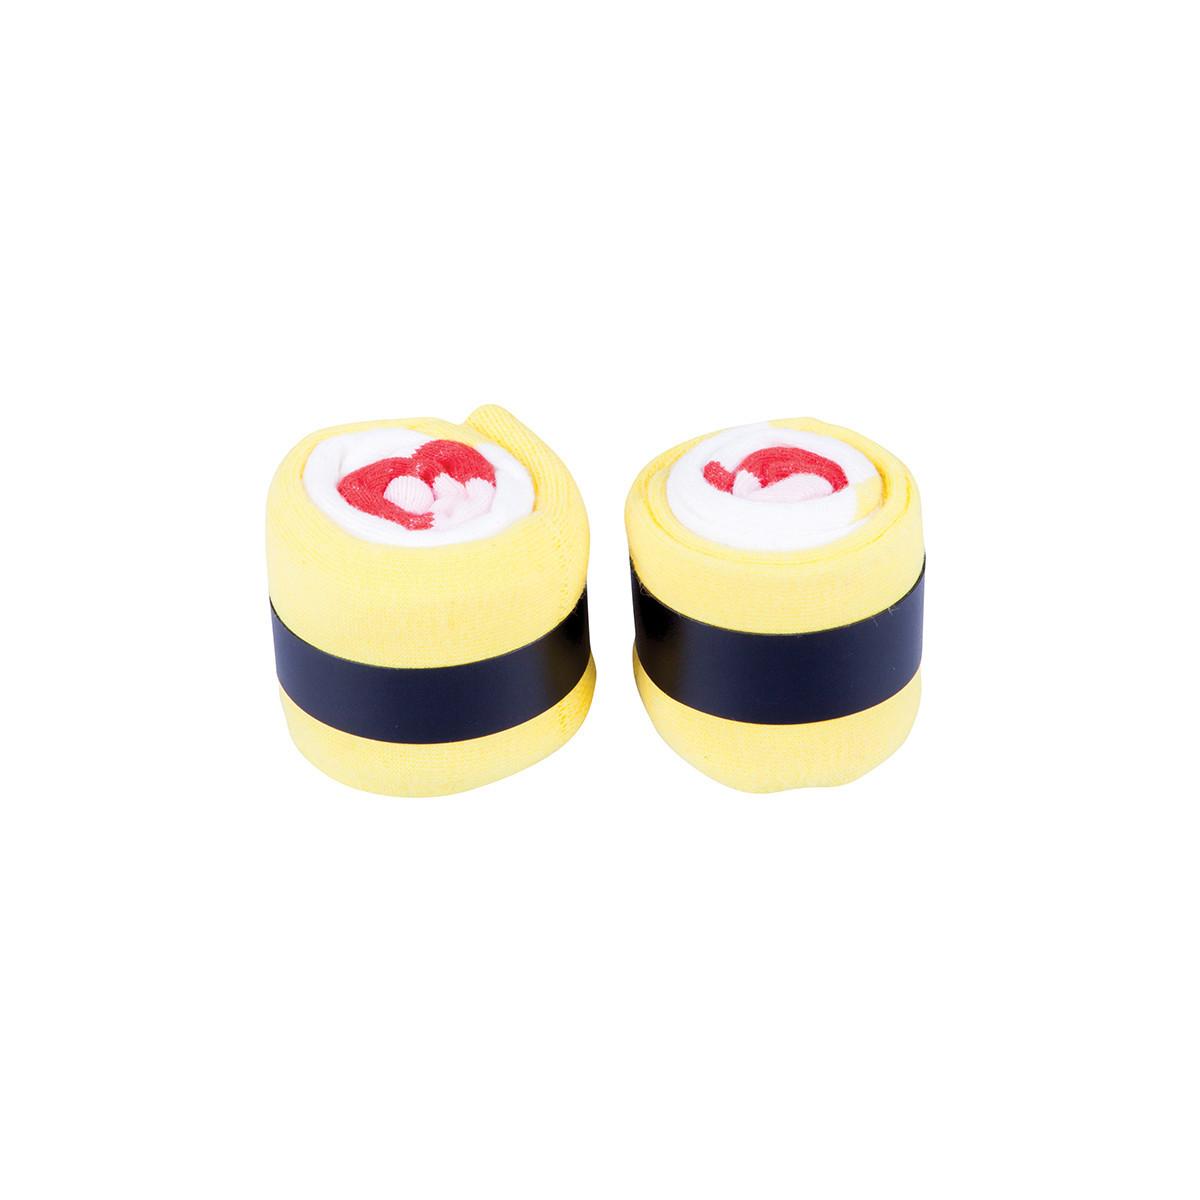 Doiy: Maki Socks - Omelette image